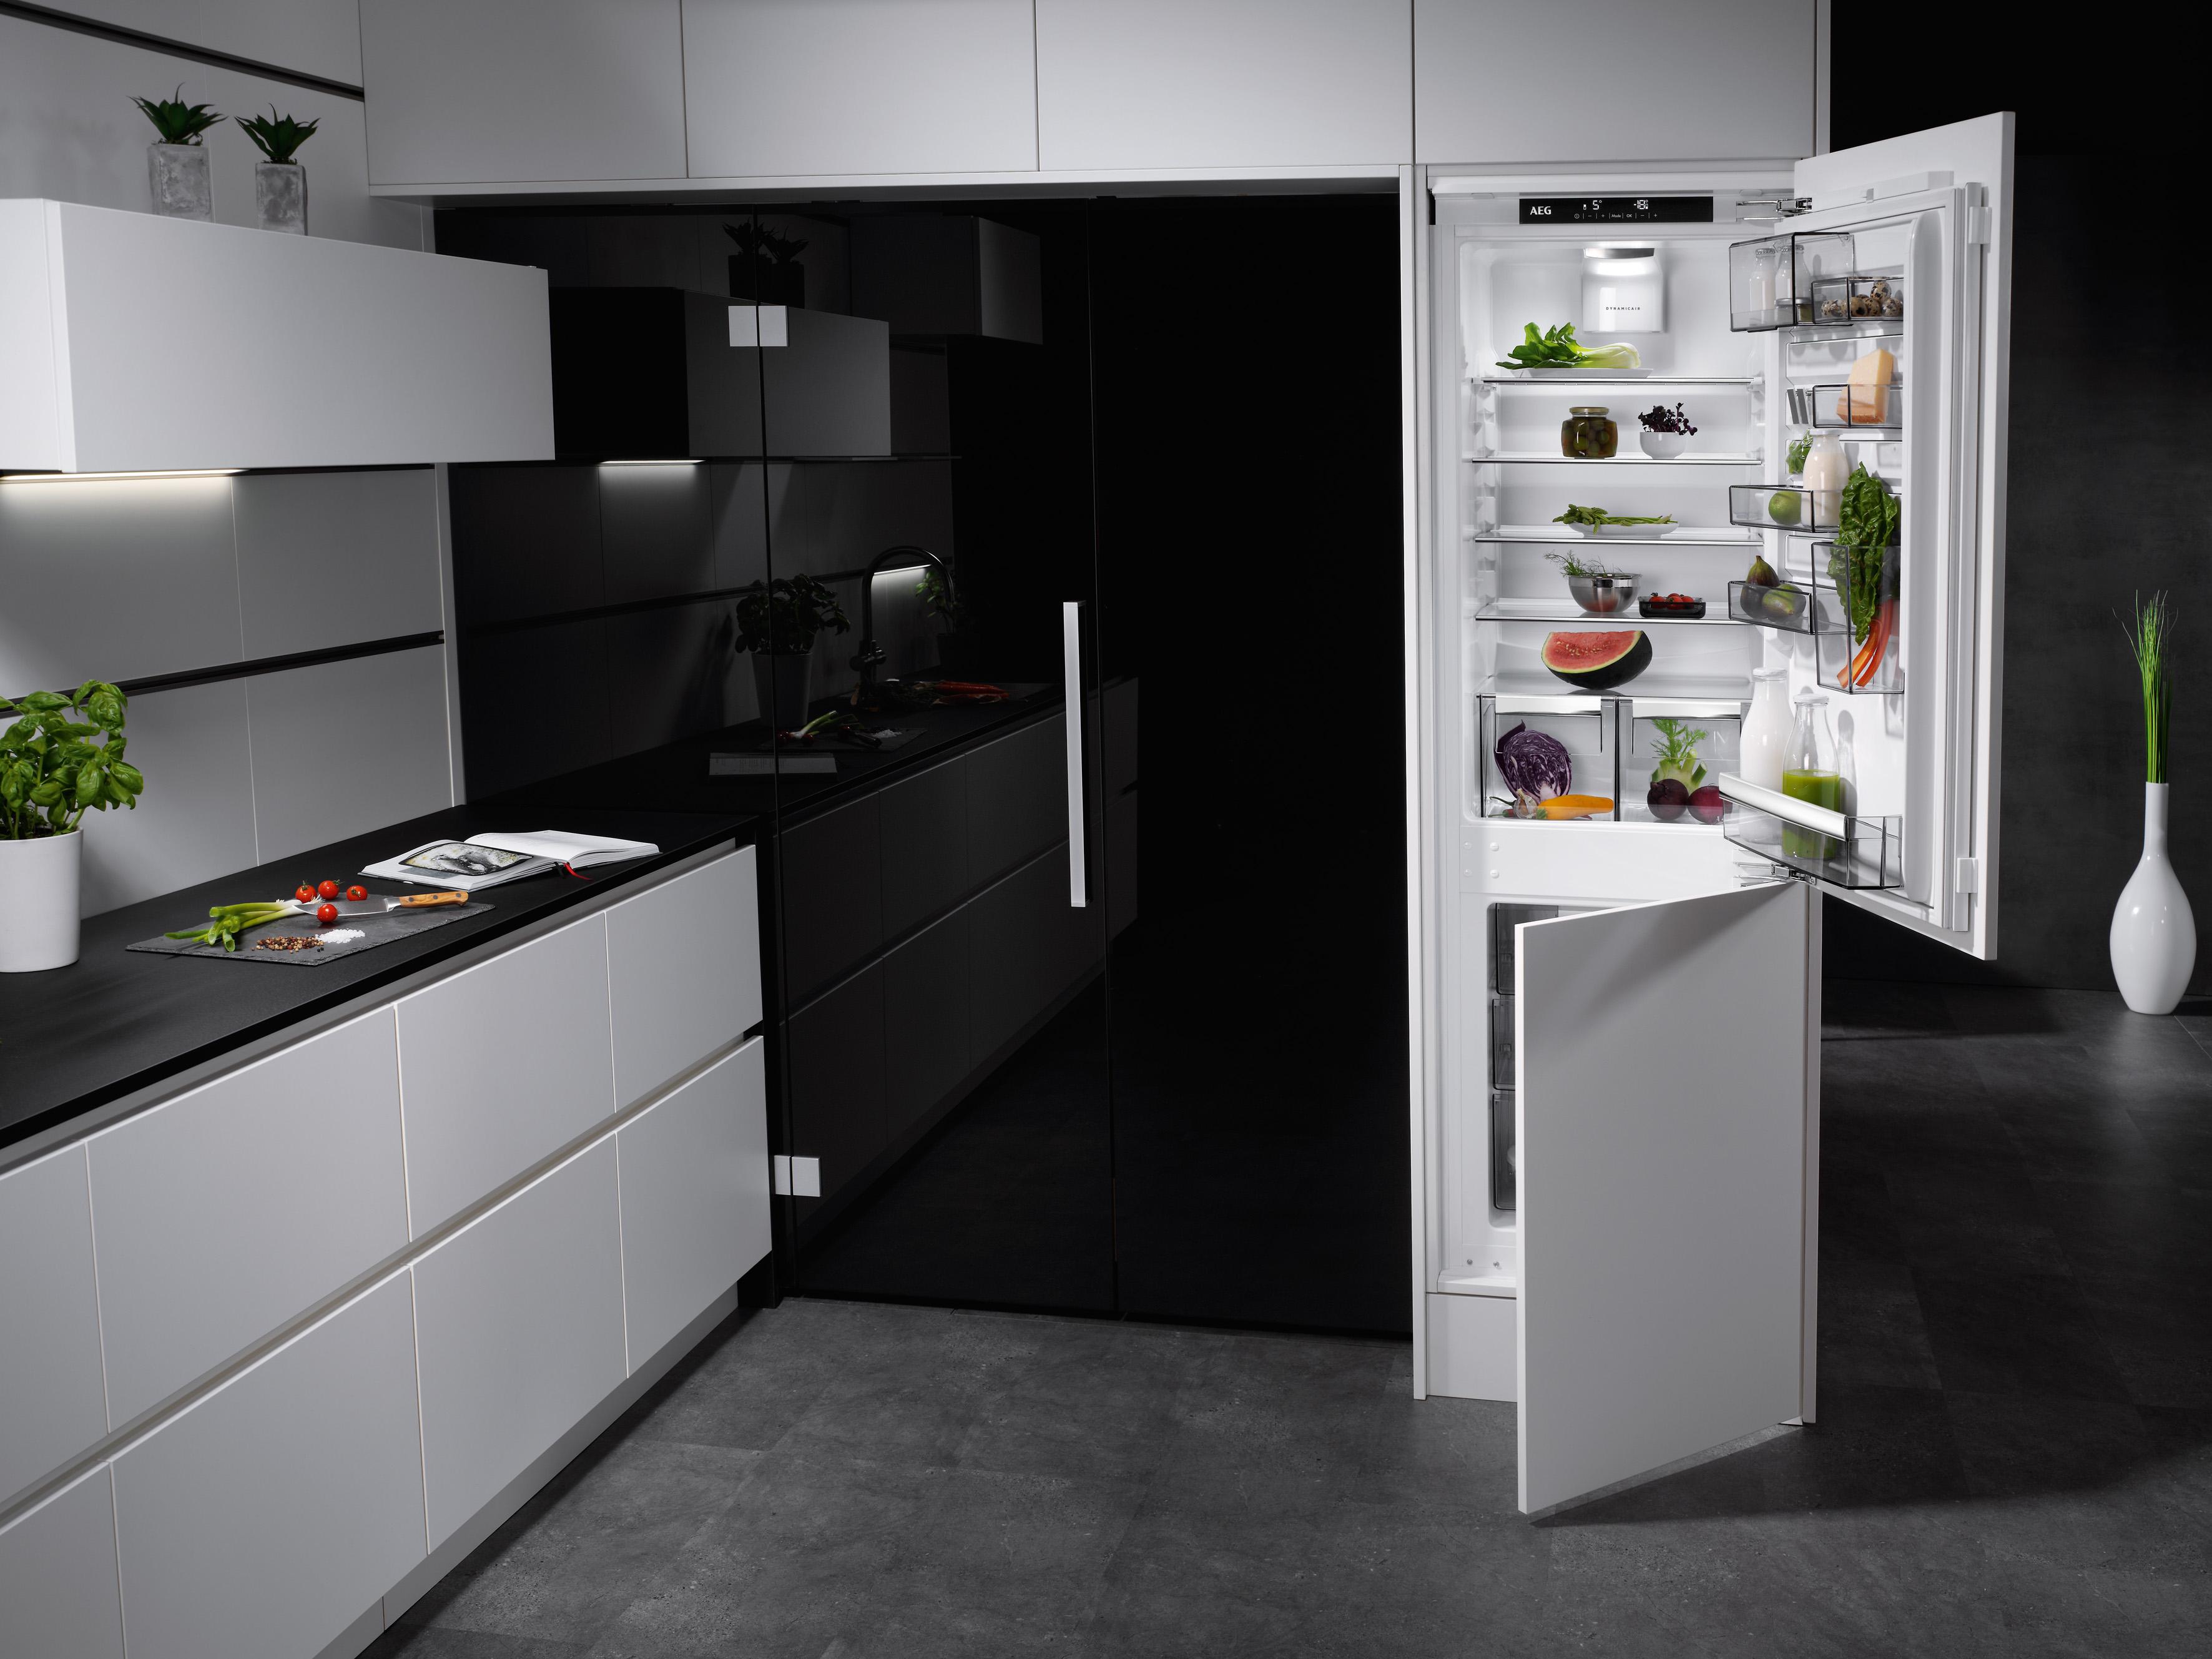 Aeg Kühlschrank Pro Fresh : Aeg customflex: ein kühlschrank der sich anpasst electrolux